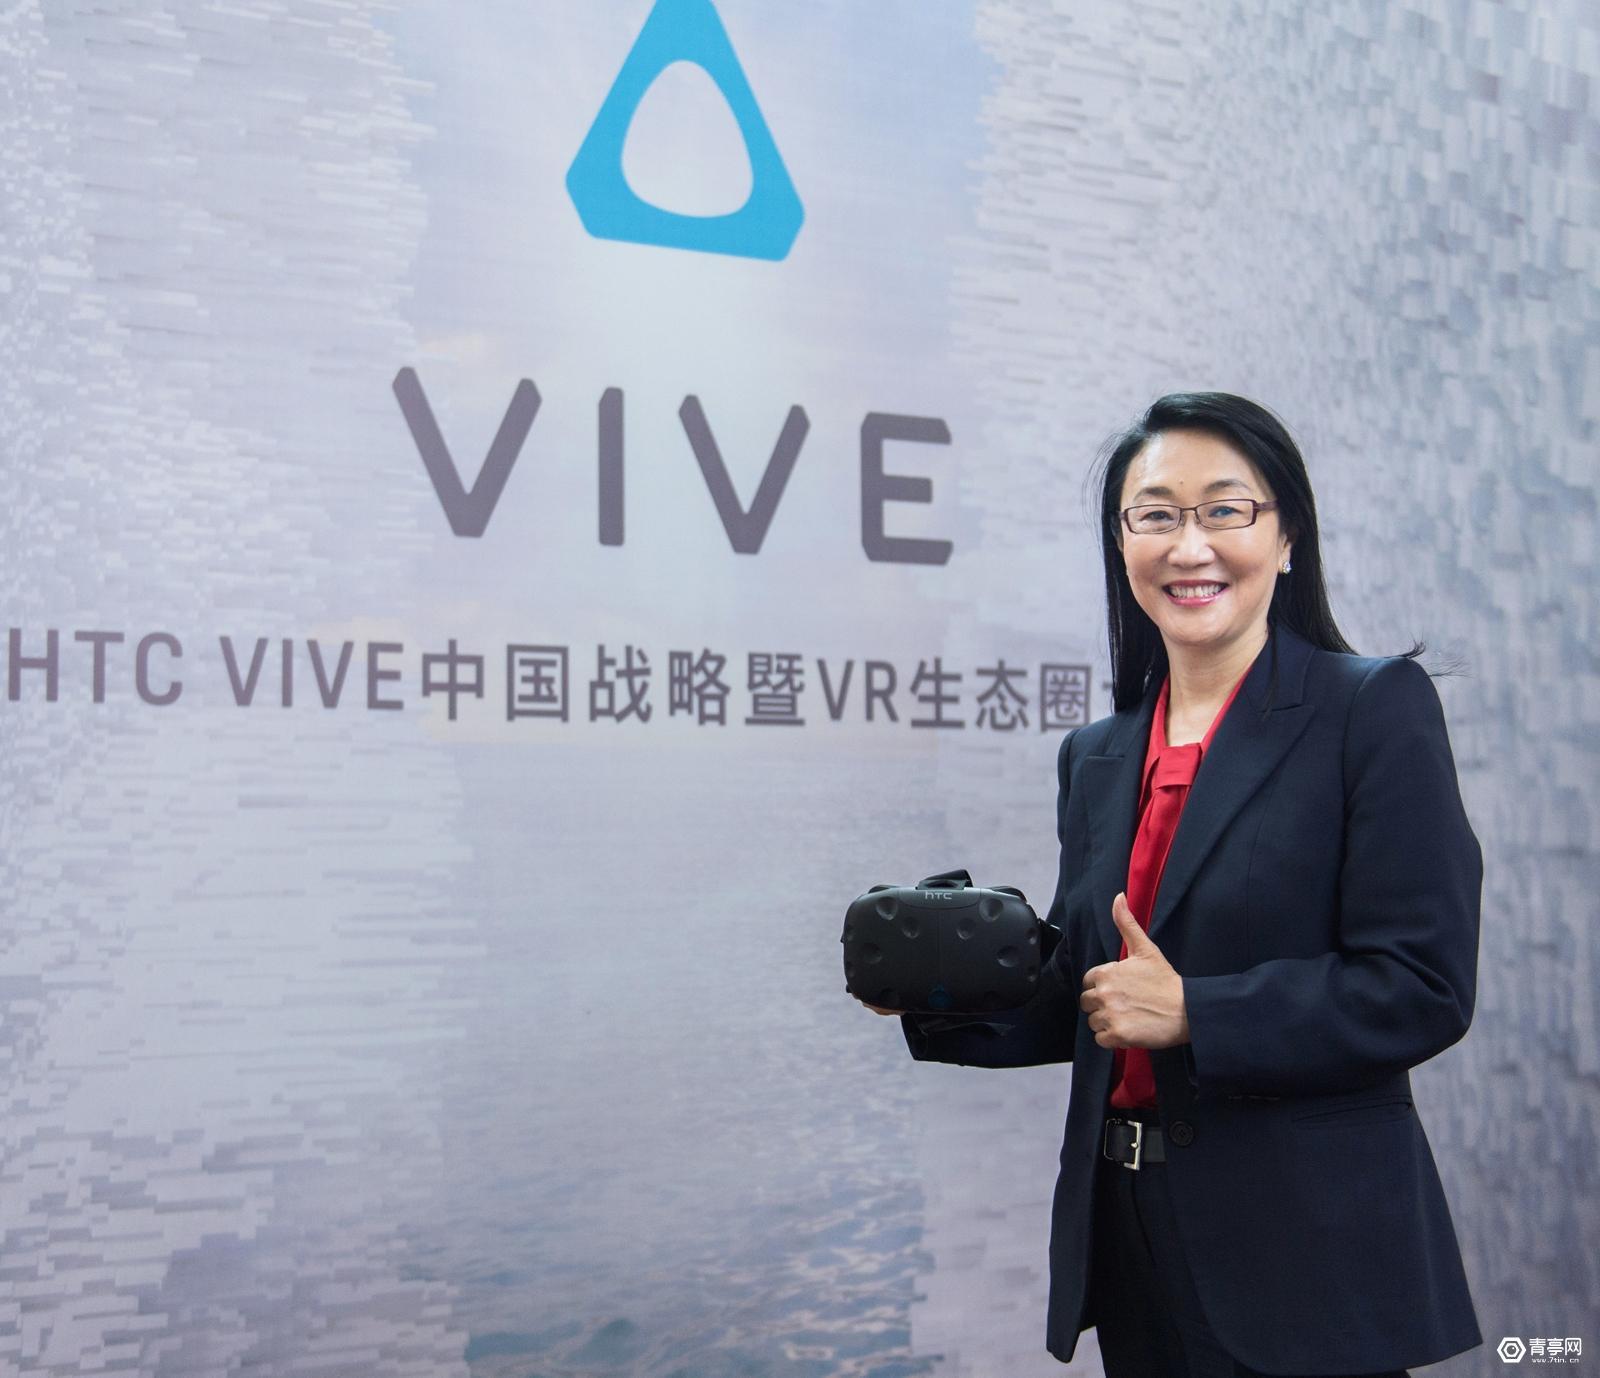 HTC连续9个季度亏损,VR会是它的救命稻草吗?